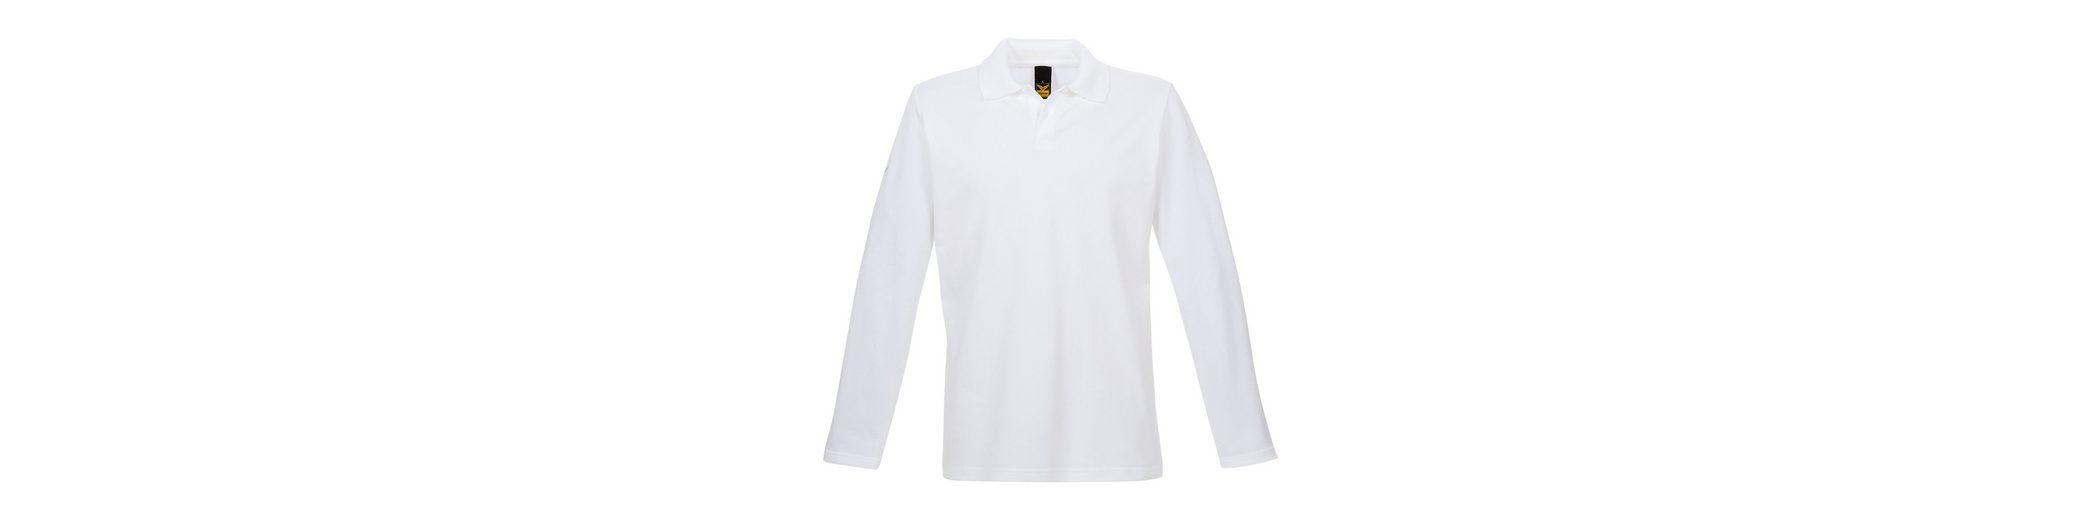 Fit Polo TRIGEMA TRIGEMA Slim Shirt Langarm Langarm xqYw68tWd